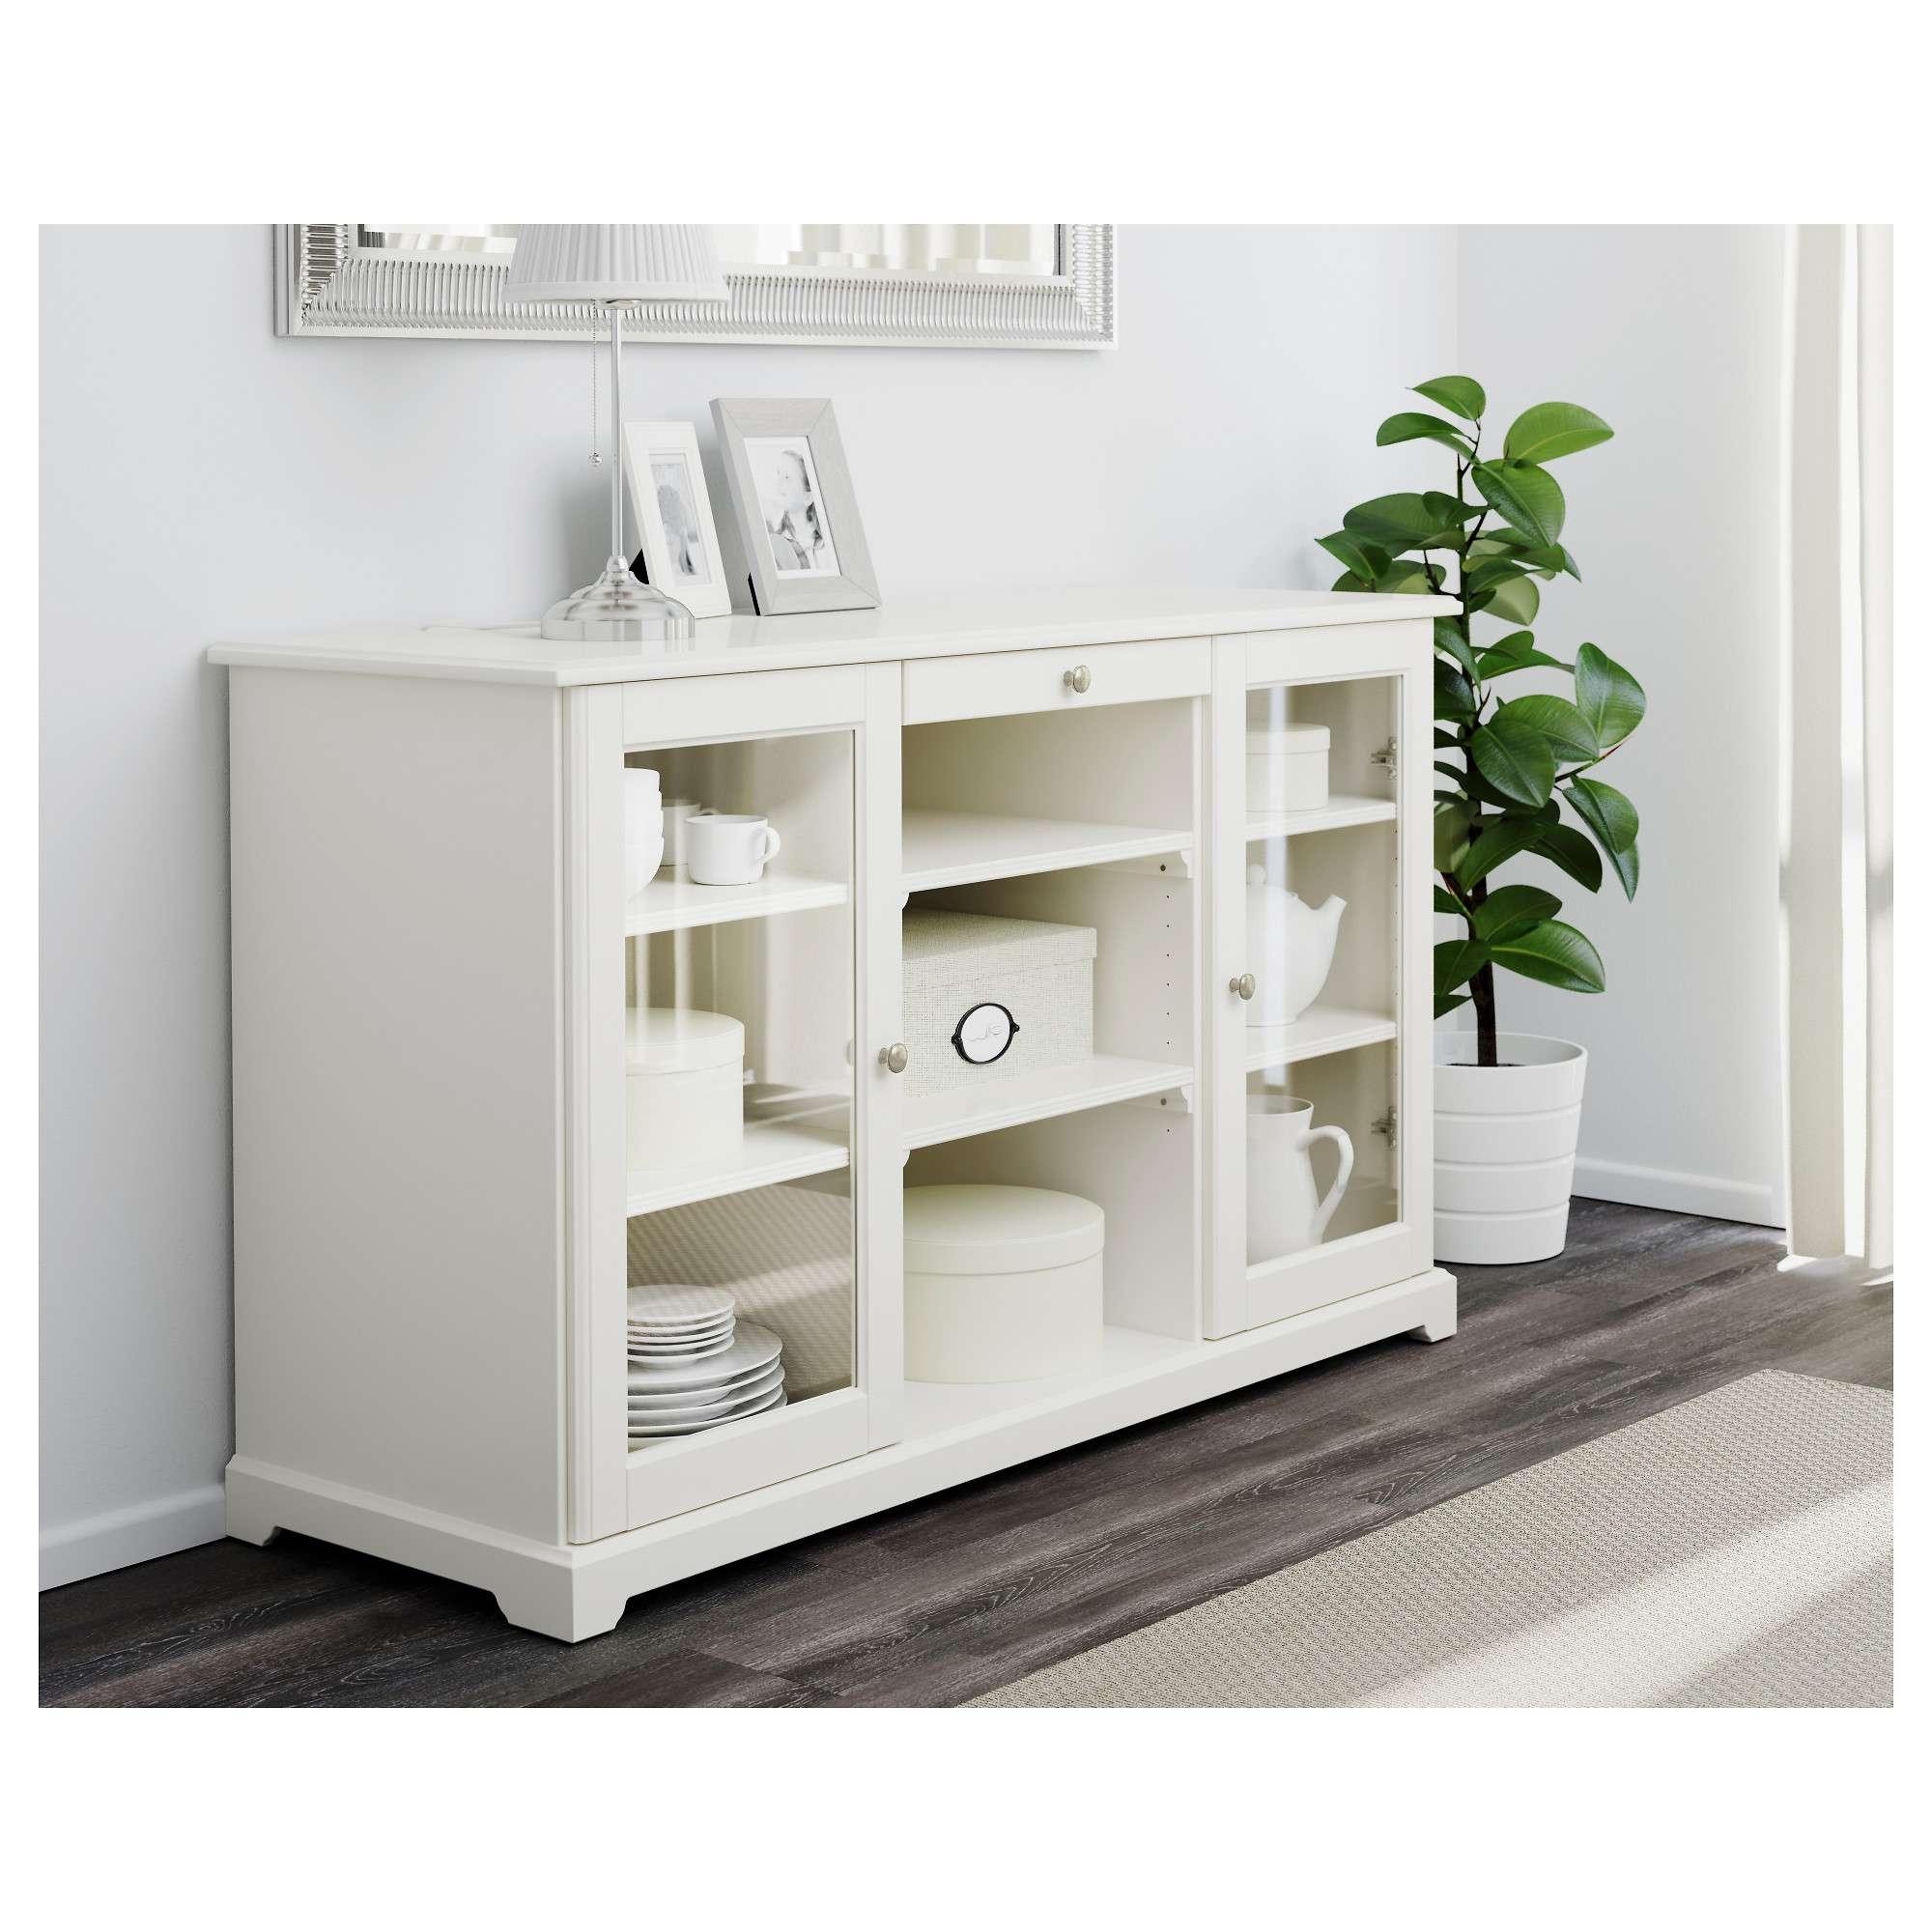 2018 popular liatorp sideboards. Black Bedroom Furniture Sets. Home Design Ideas